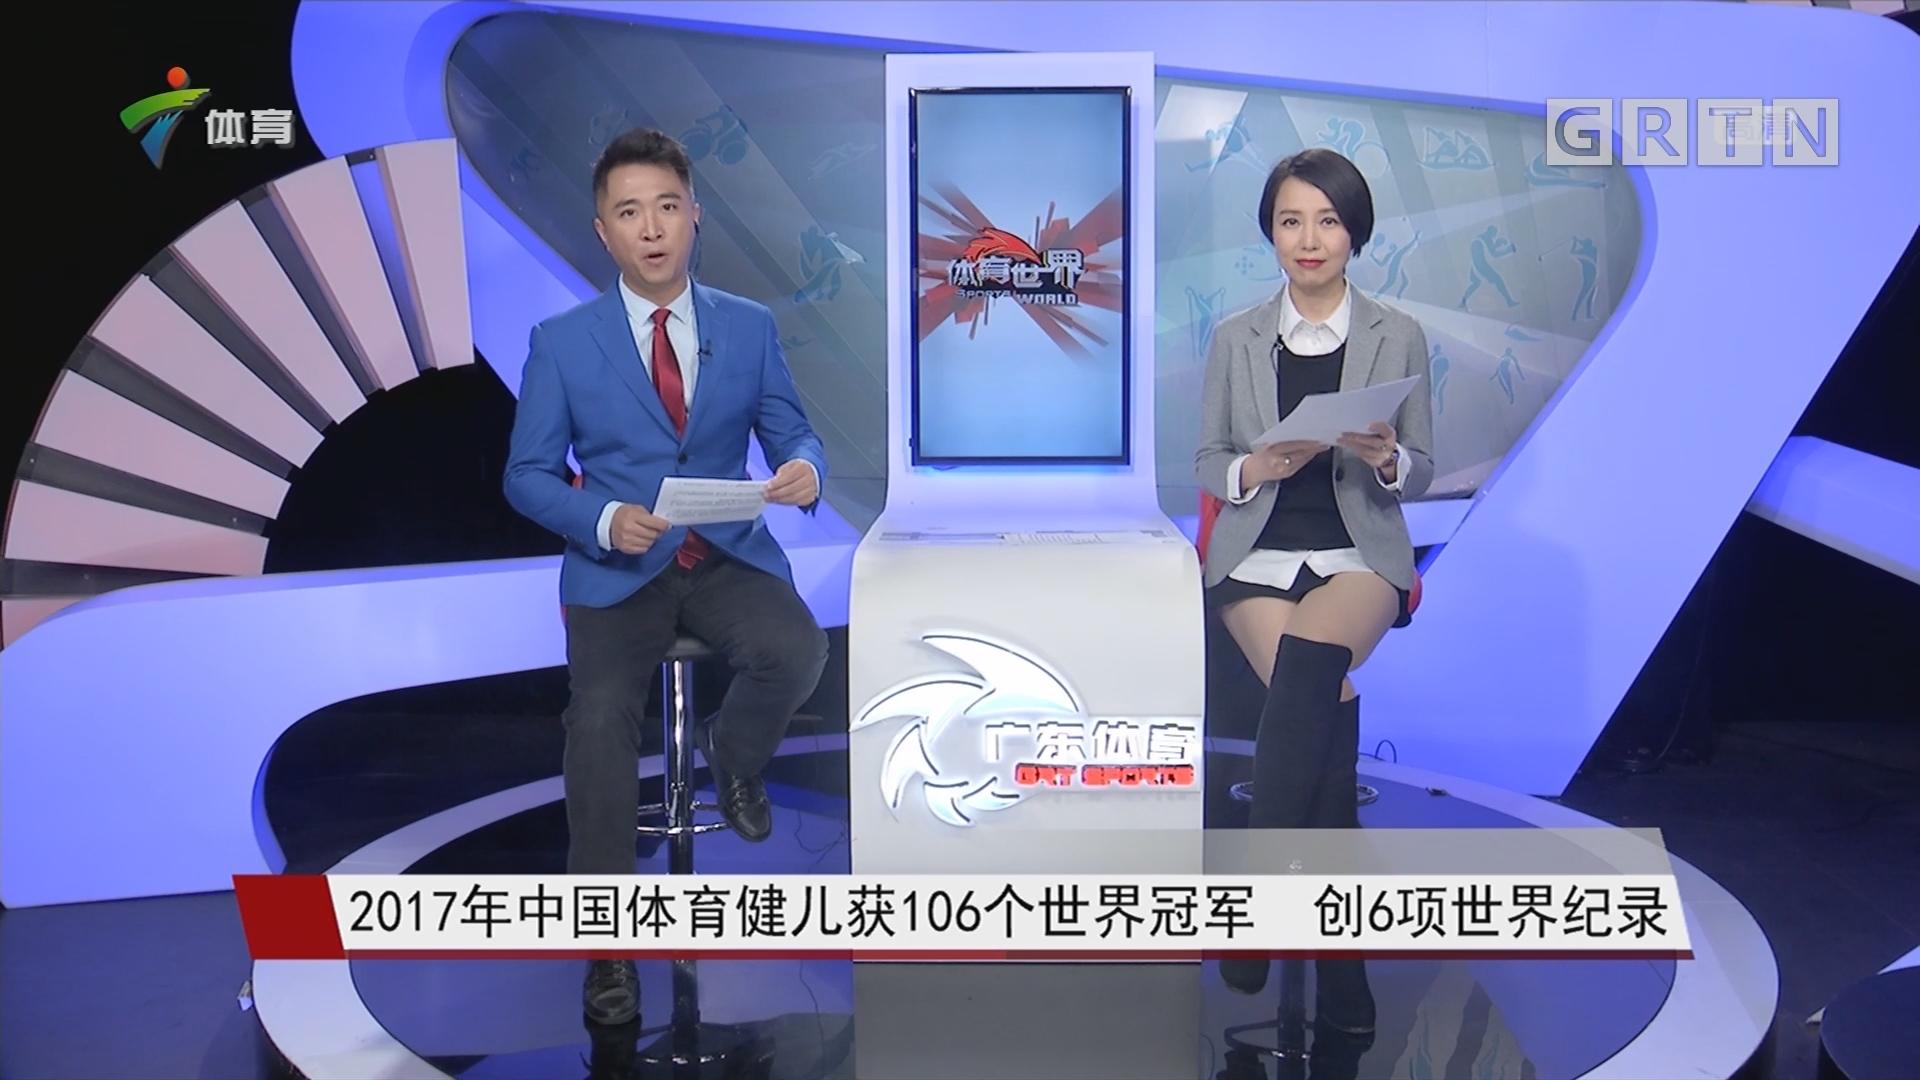 2017年中国体育健儿获106个世界冠军 创6项世界纪录